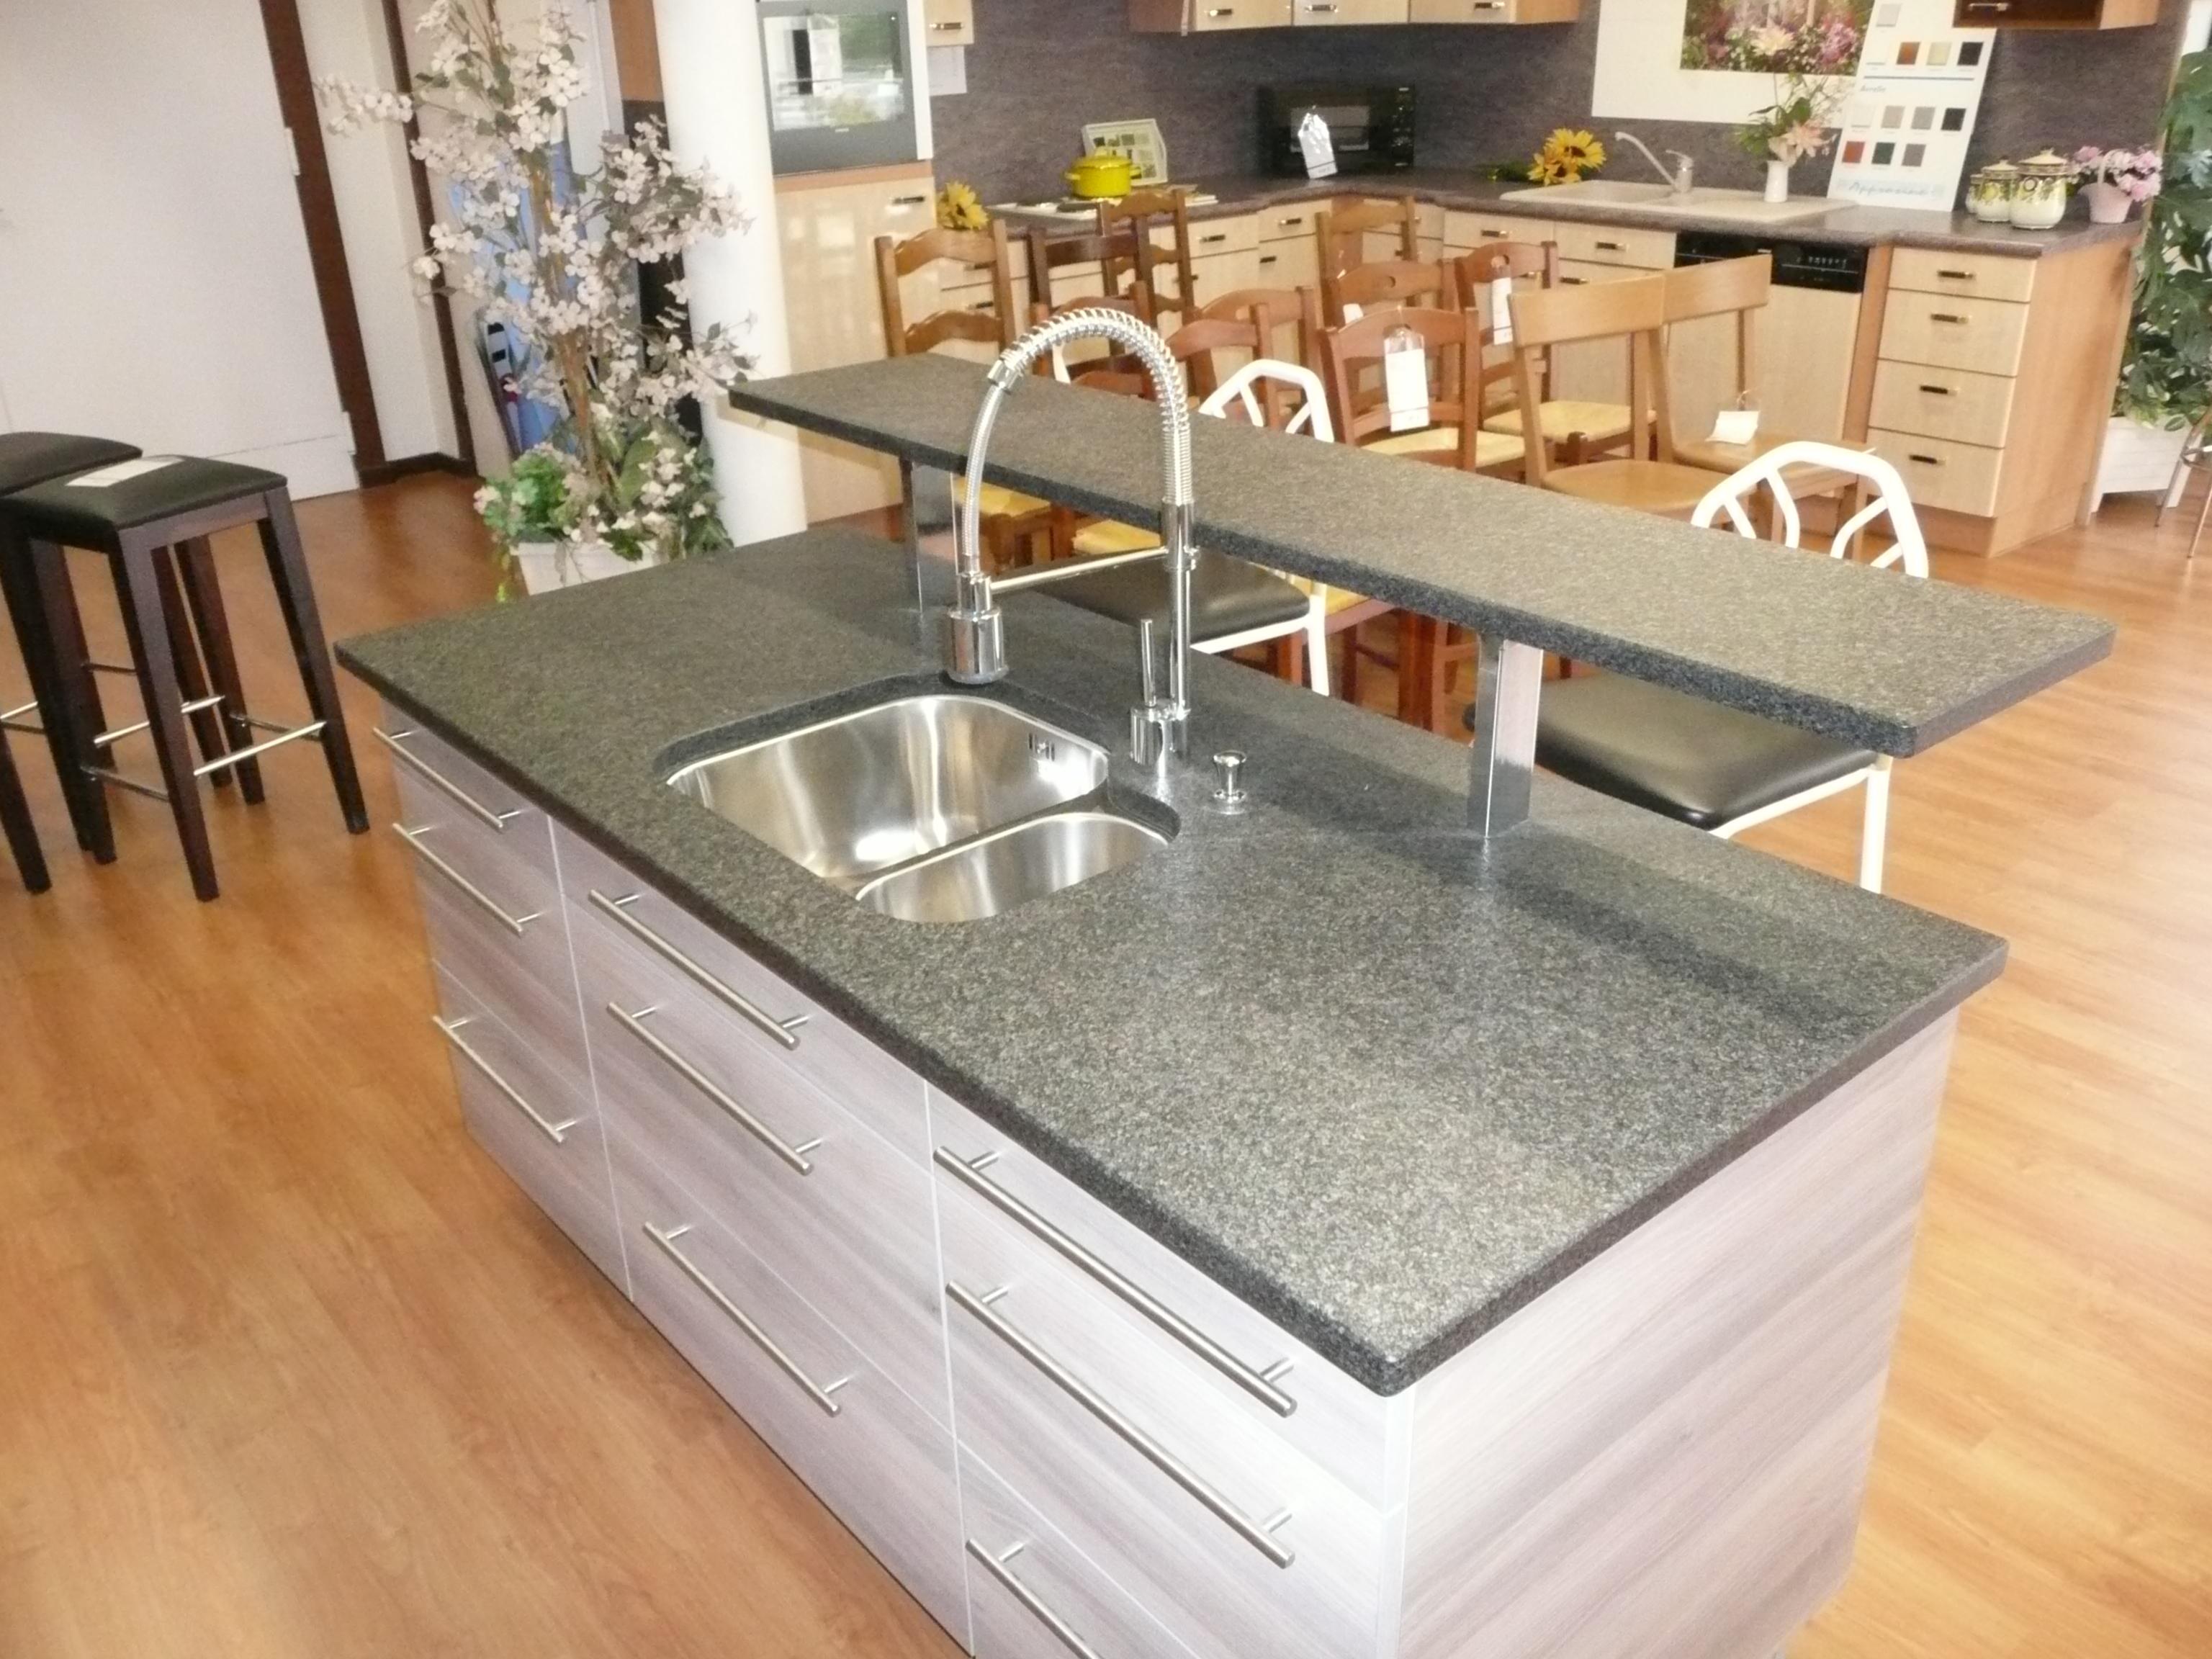 cuisiniste ou beniste entreprise de r f rence dans le granit et le marbre mulhouse. Black Bedroom Furniture Sets. Home Design Ideas